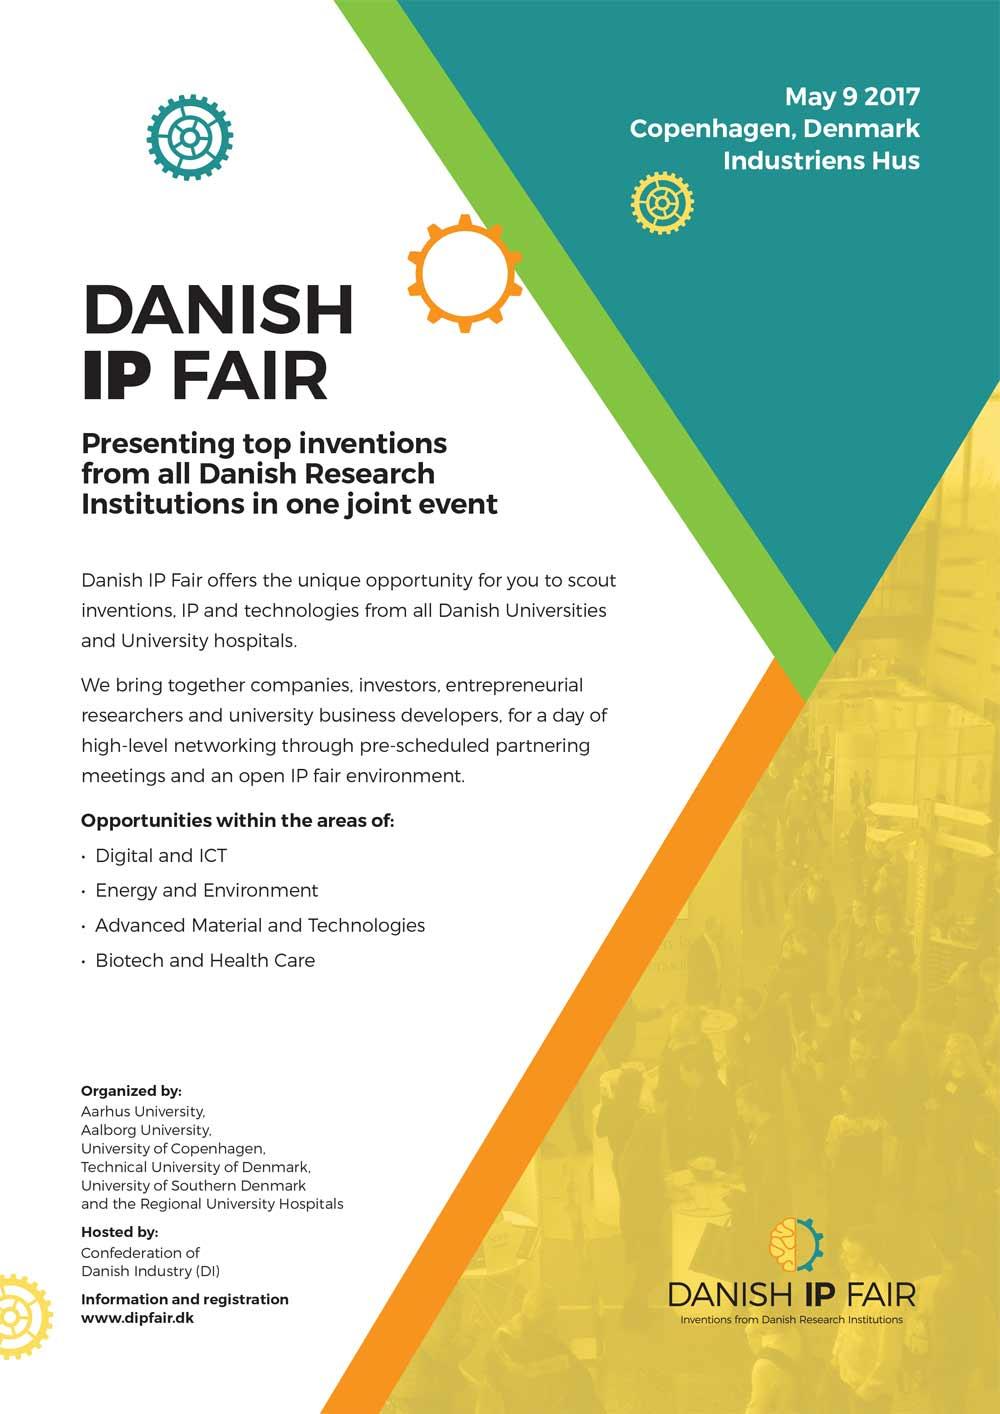 Danish IP Fair 2017 invitation